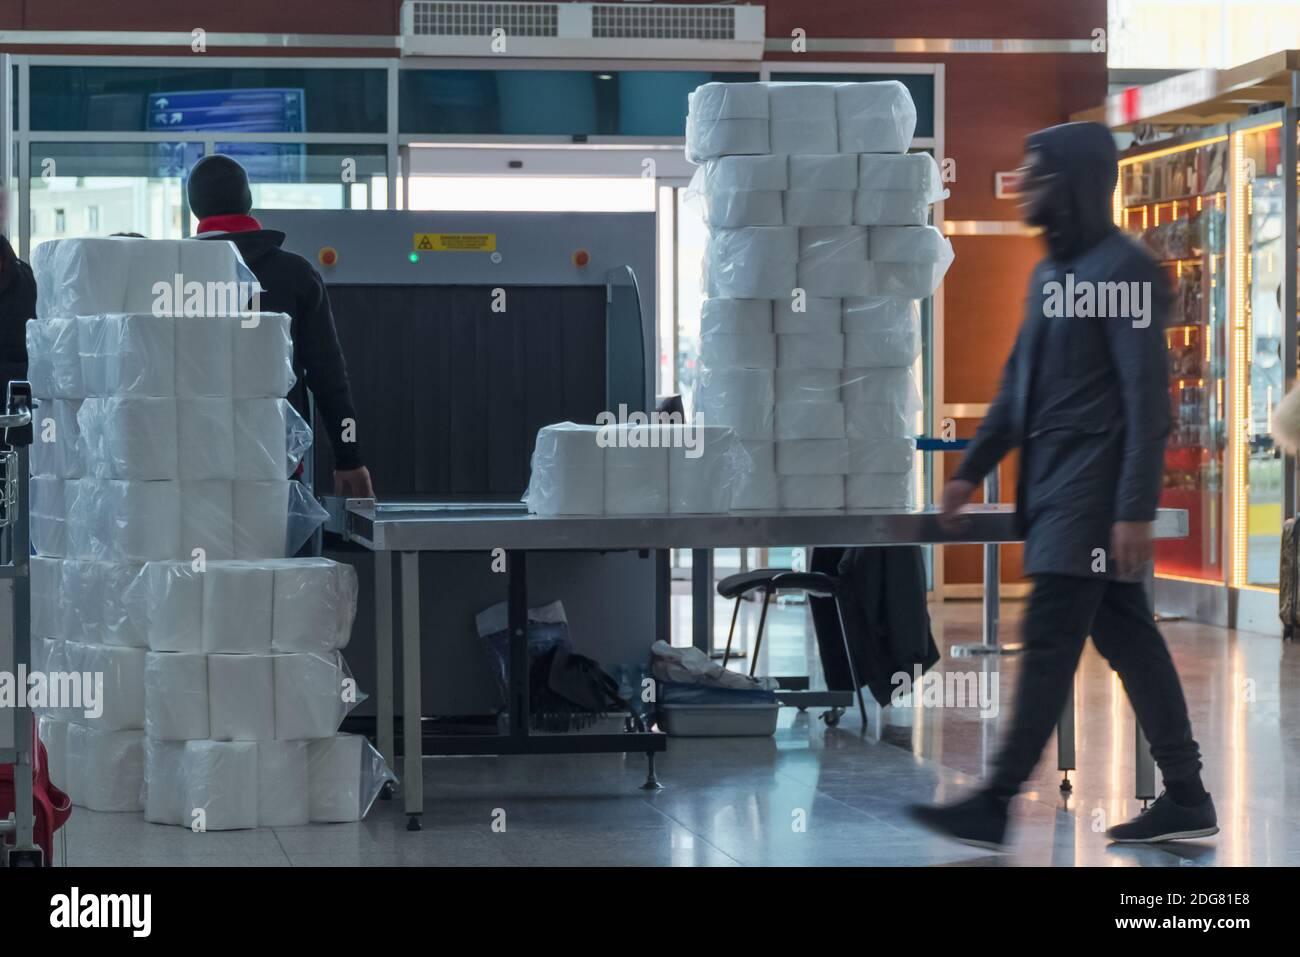 Sistema de rayos X de escáner de seguridad del aeropuerto. Máquina de exploración de punto de control para equipaje y carga. Tbilisi, Georgia Foto de stock